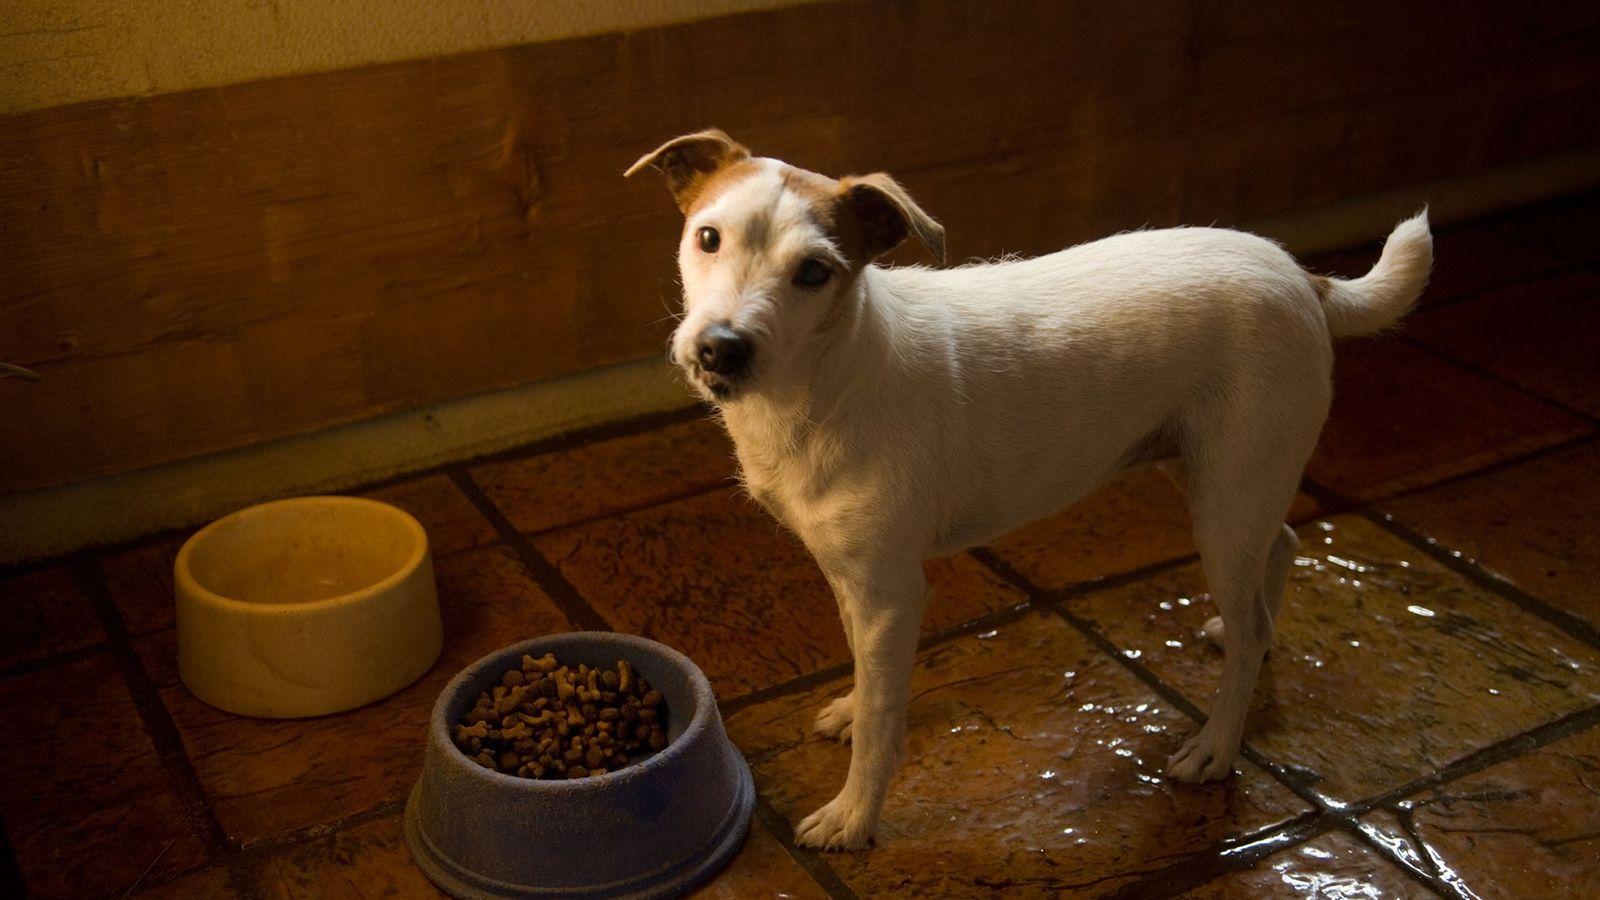 Ein Hund steht vor einem Napf in Bartlesville, Oklahoma. Hunde können territorial sein, wenn es um ...